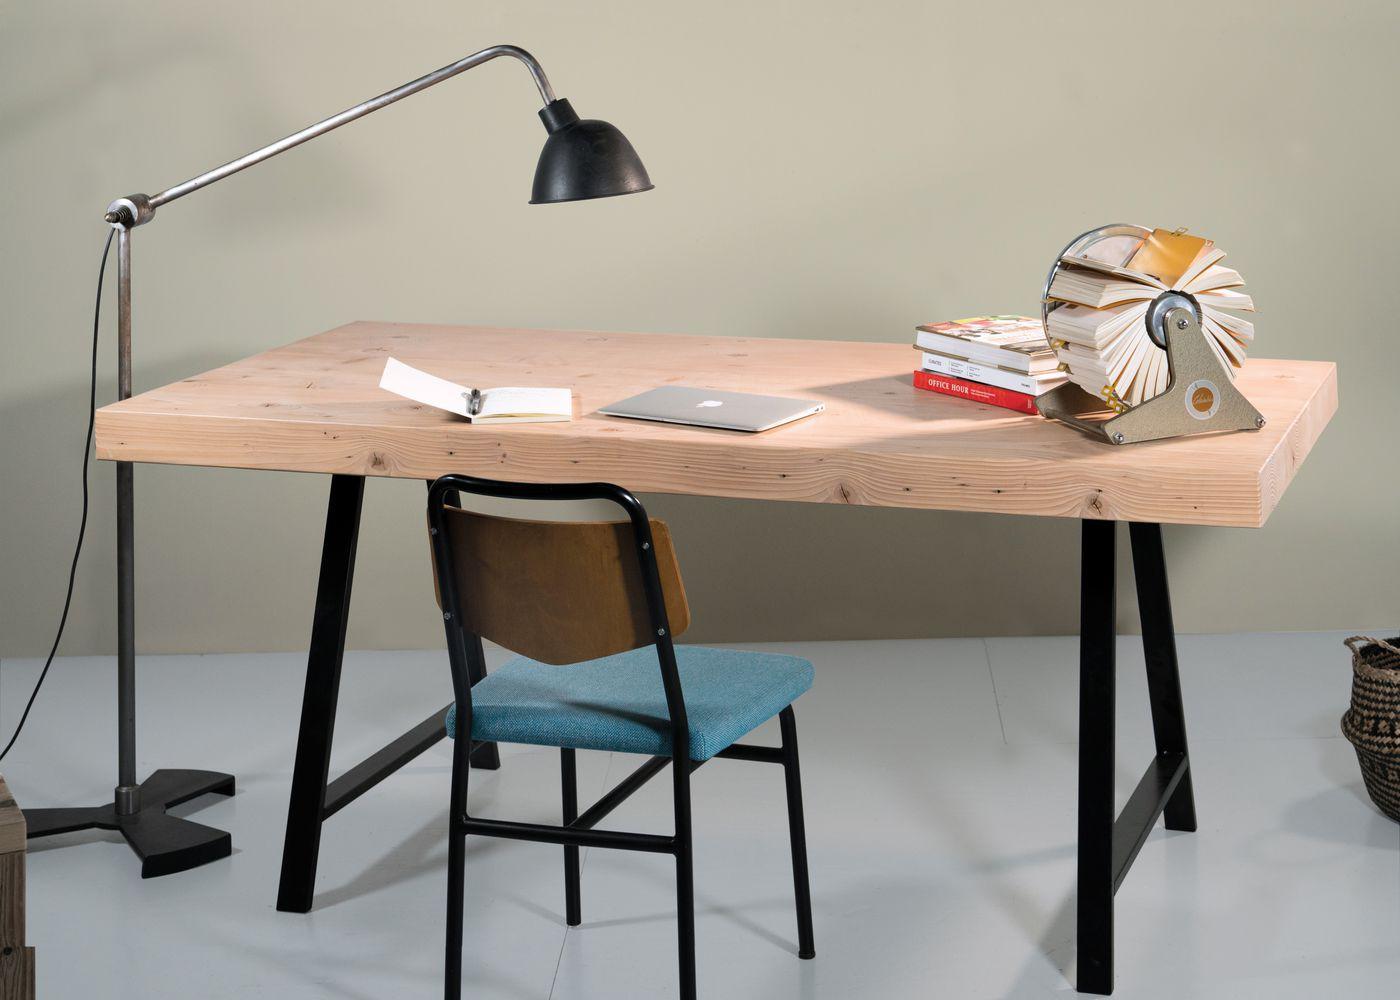 Plateau de table ROTTERDAM à partir de vieilles poutres en sapin brut (qualité rustique avec présence de noeuds et de trous de boulons) - (longueur max 6000mm )